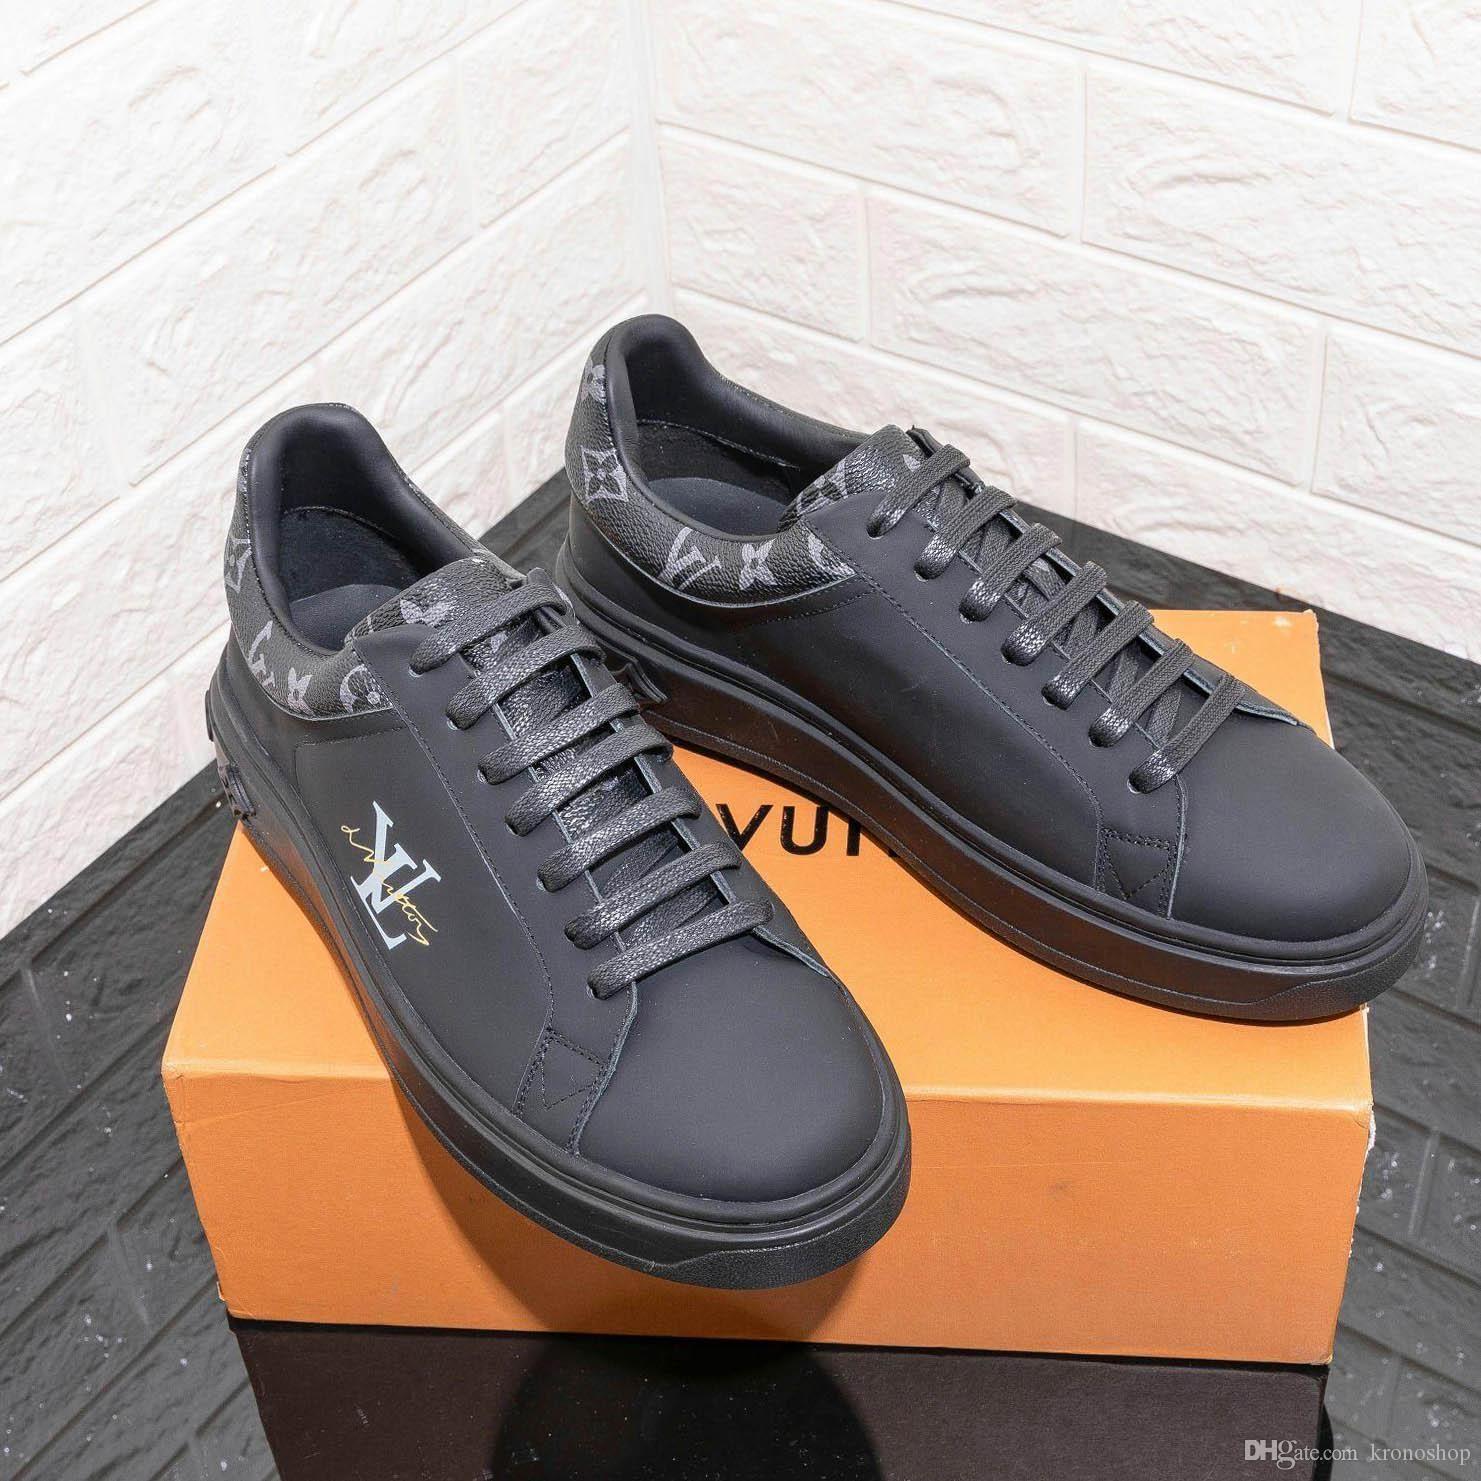 Nouvelle liste sauvage personnalité chaussures pour hommes occasionnels, Top qualité Respirant Chaussures Casual Imprimé hommes occasionnels chaussures de sport Taille 38-45 0012